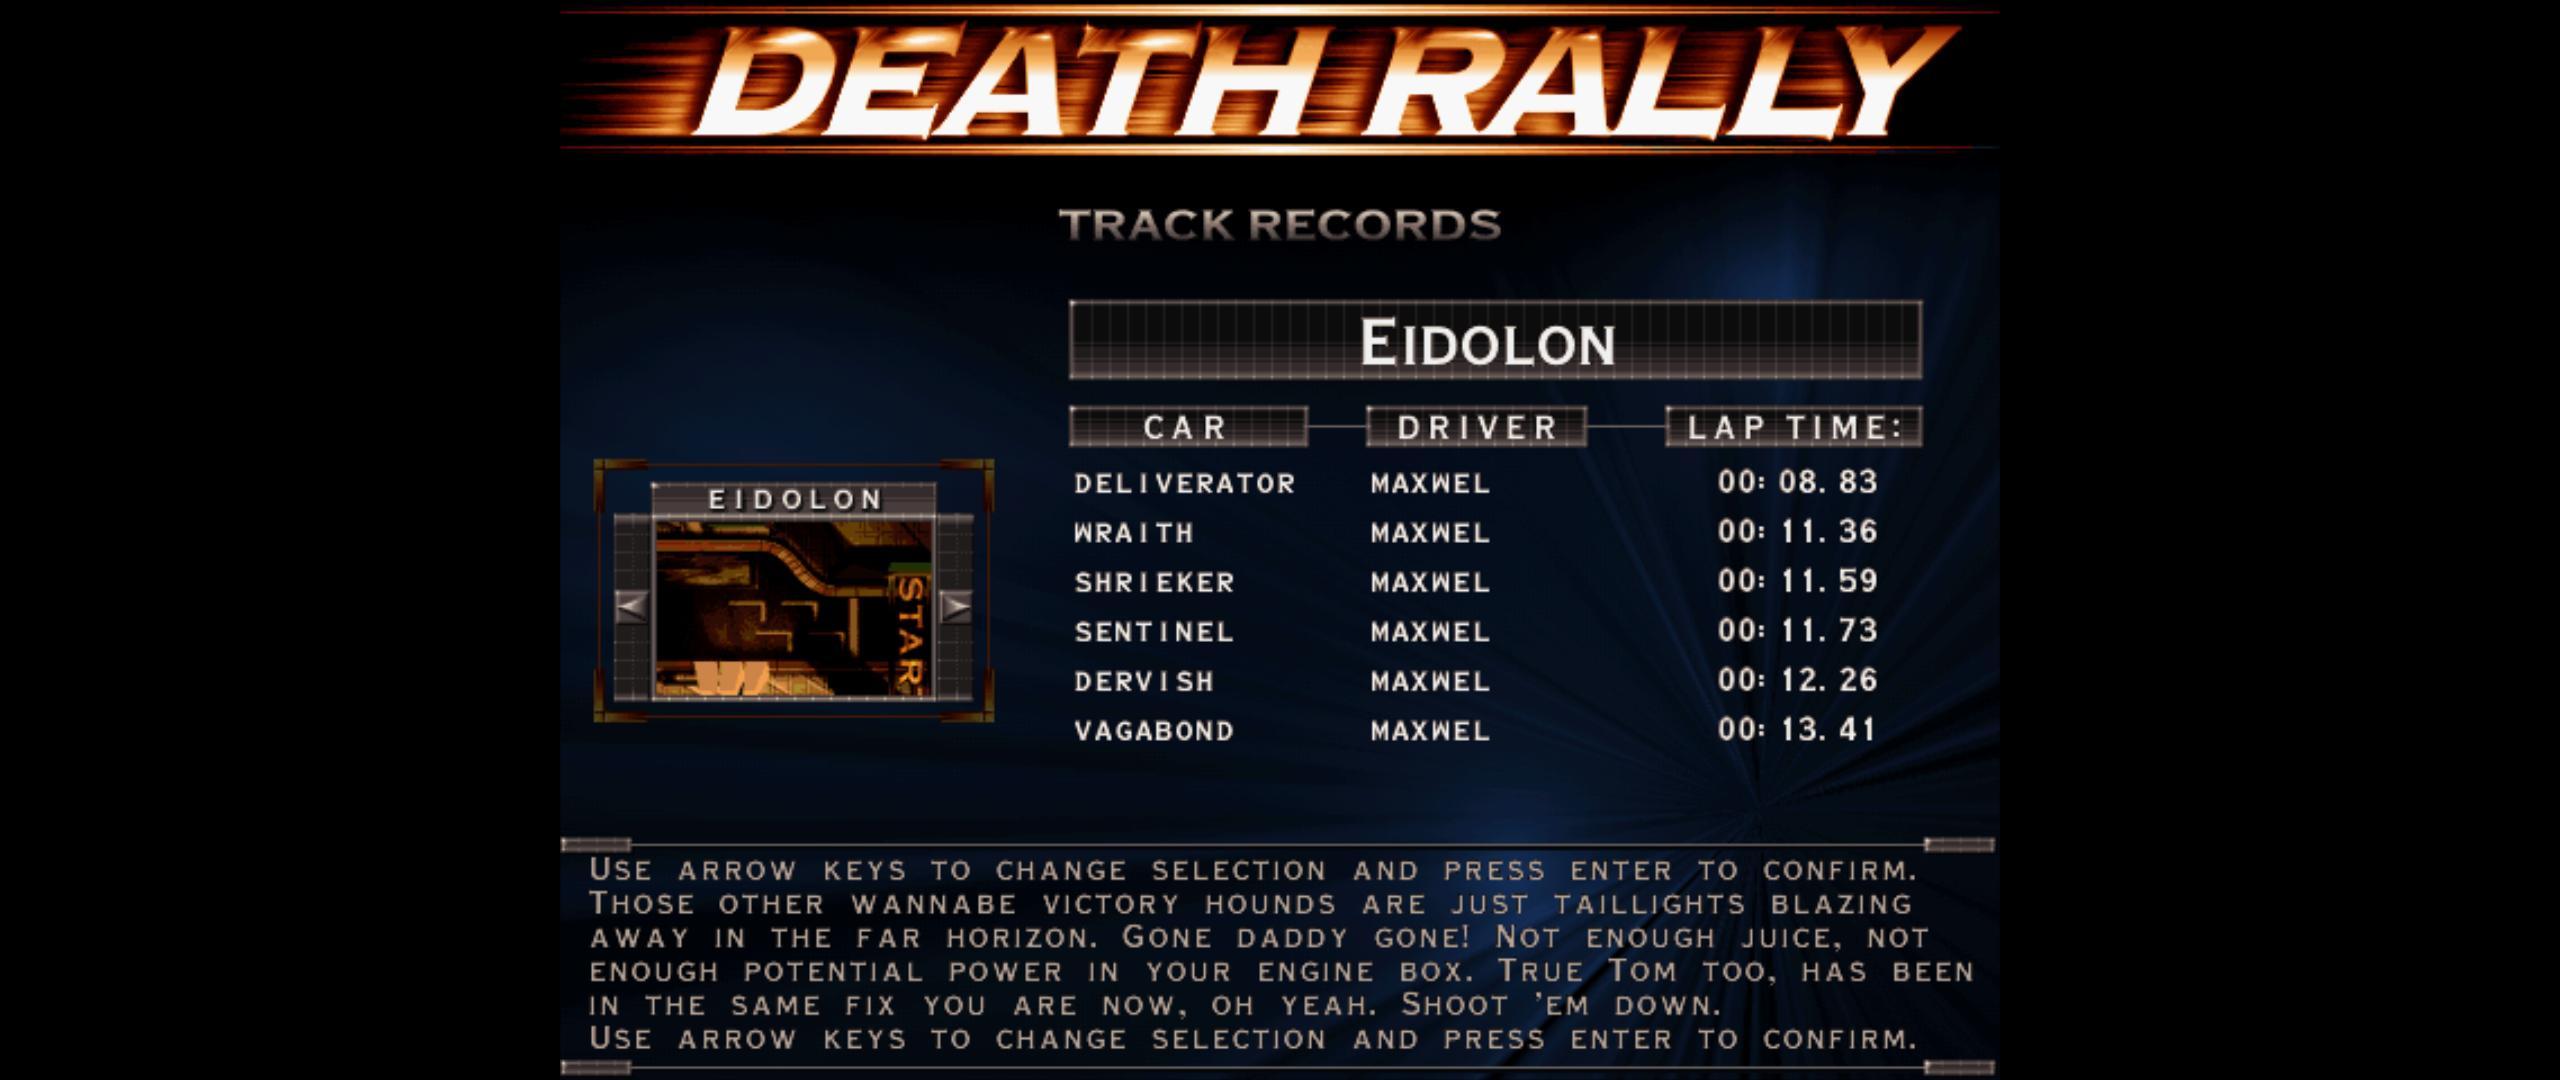 Maxwel: Death Rally [Eidolon, Dervish Car Car] (PC) 0:00:12.26 points on 2016-03-04 08:07:41